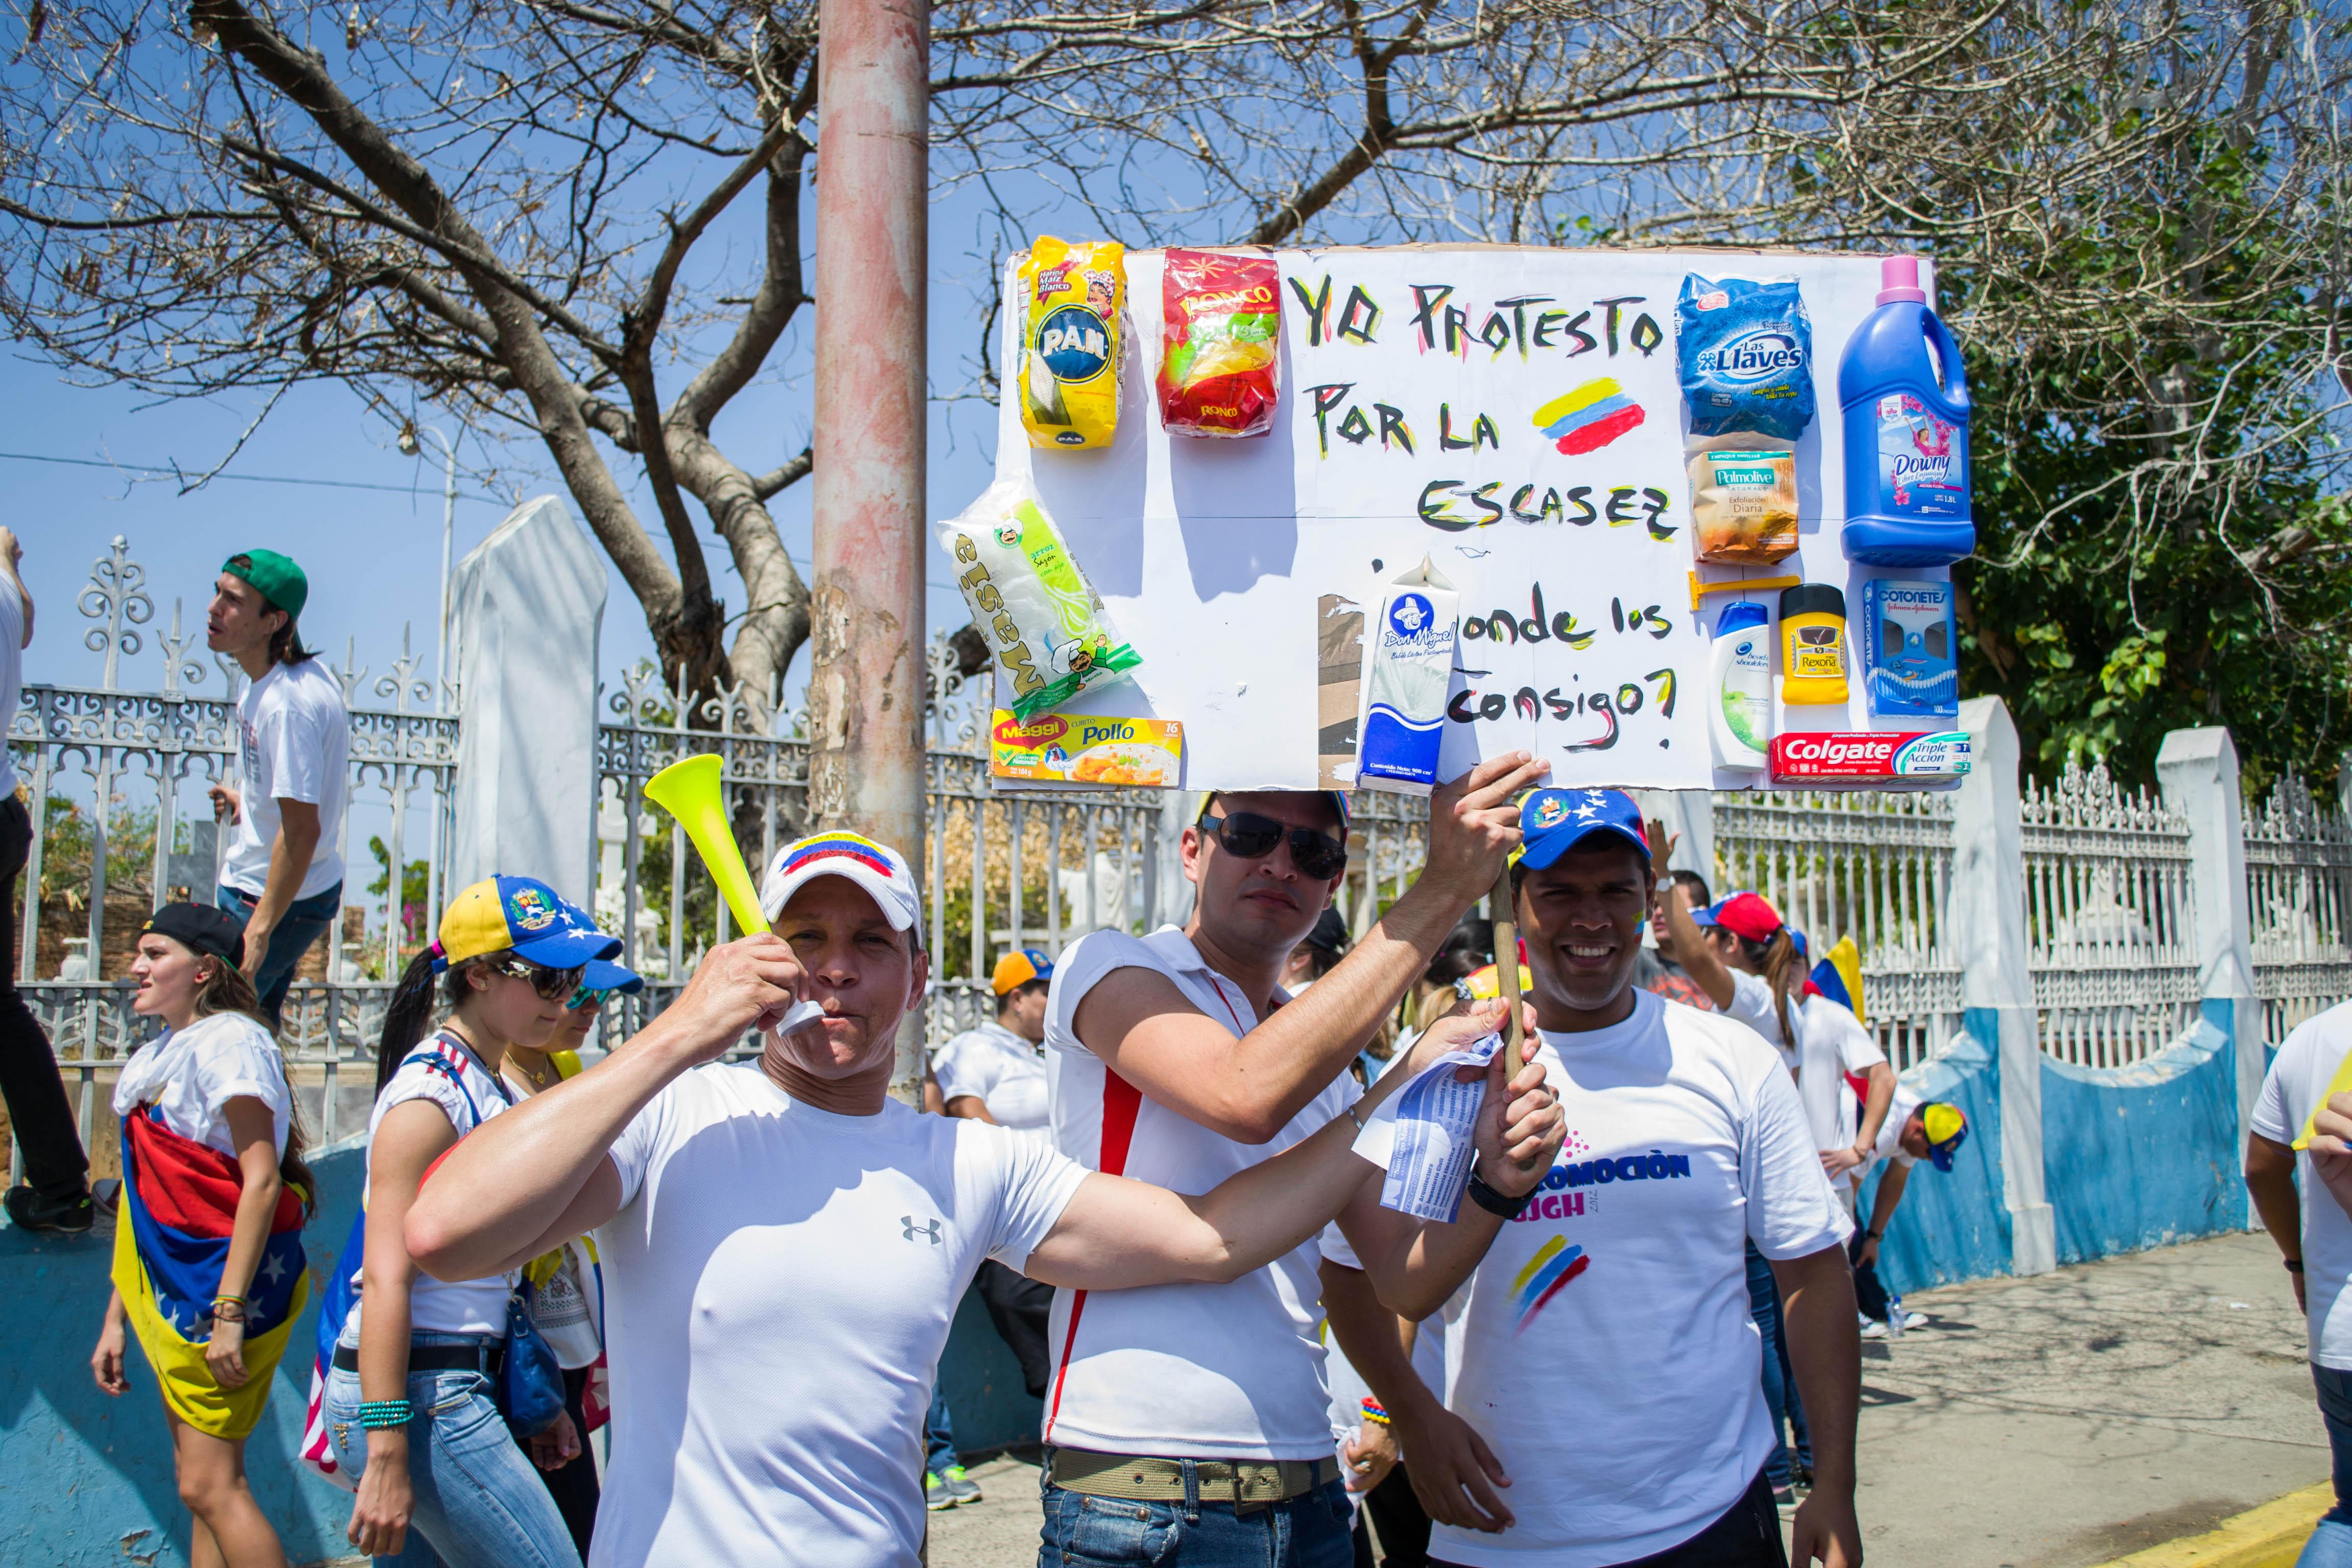 Is Venezuela Beyond Help?